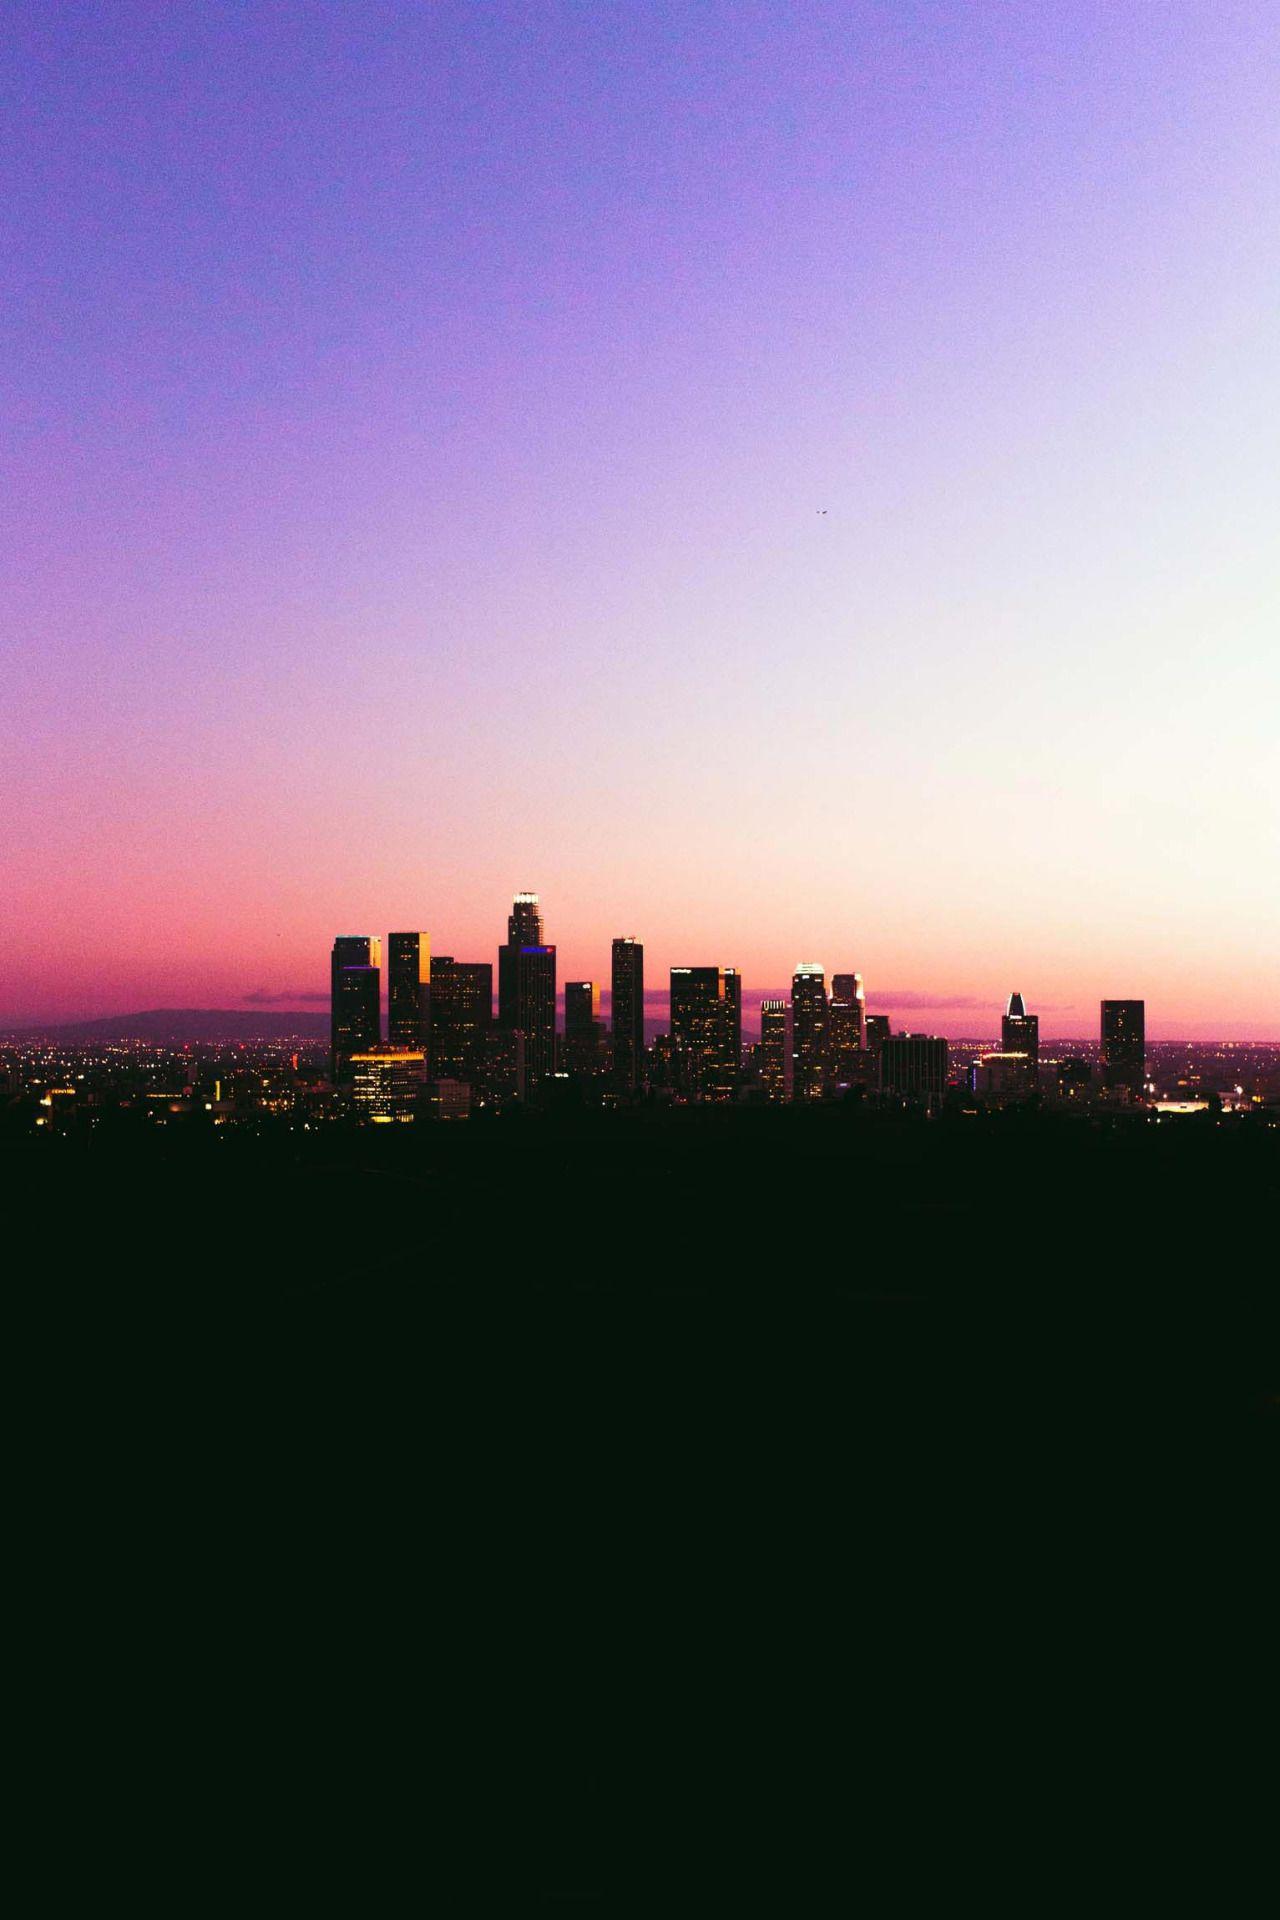 City Of Los Angeles Town Sfondi Sfondi Per Cellulare E Paesaggi